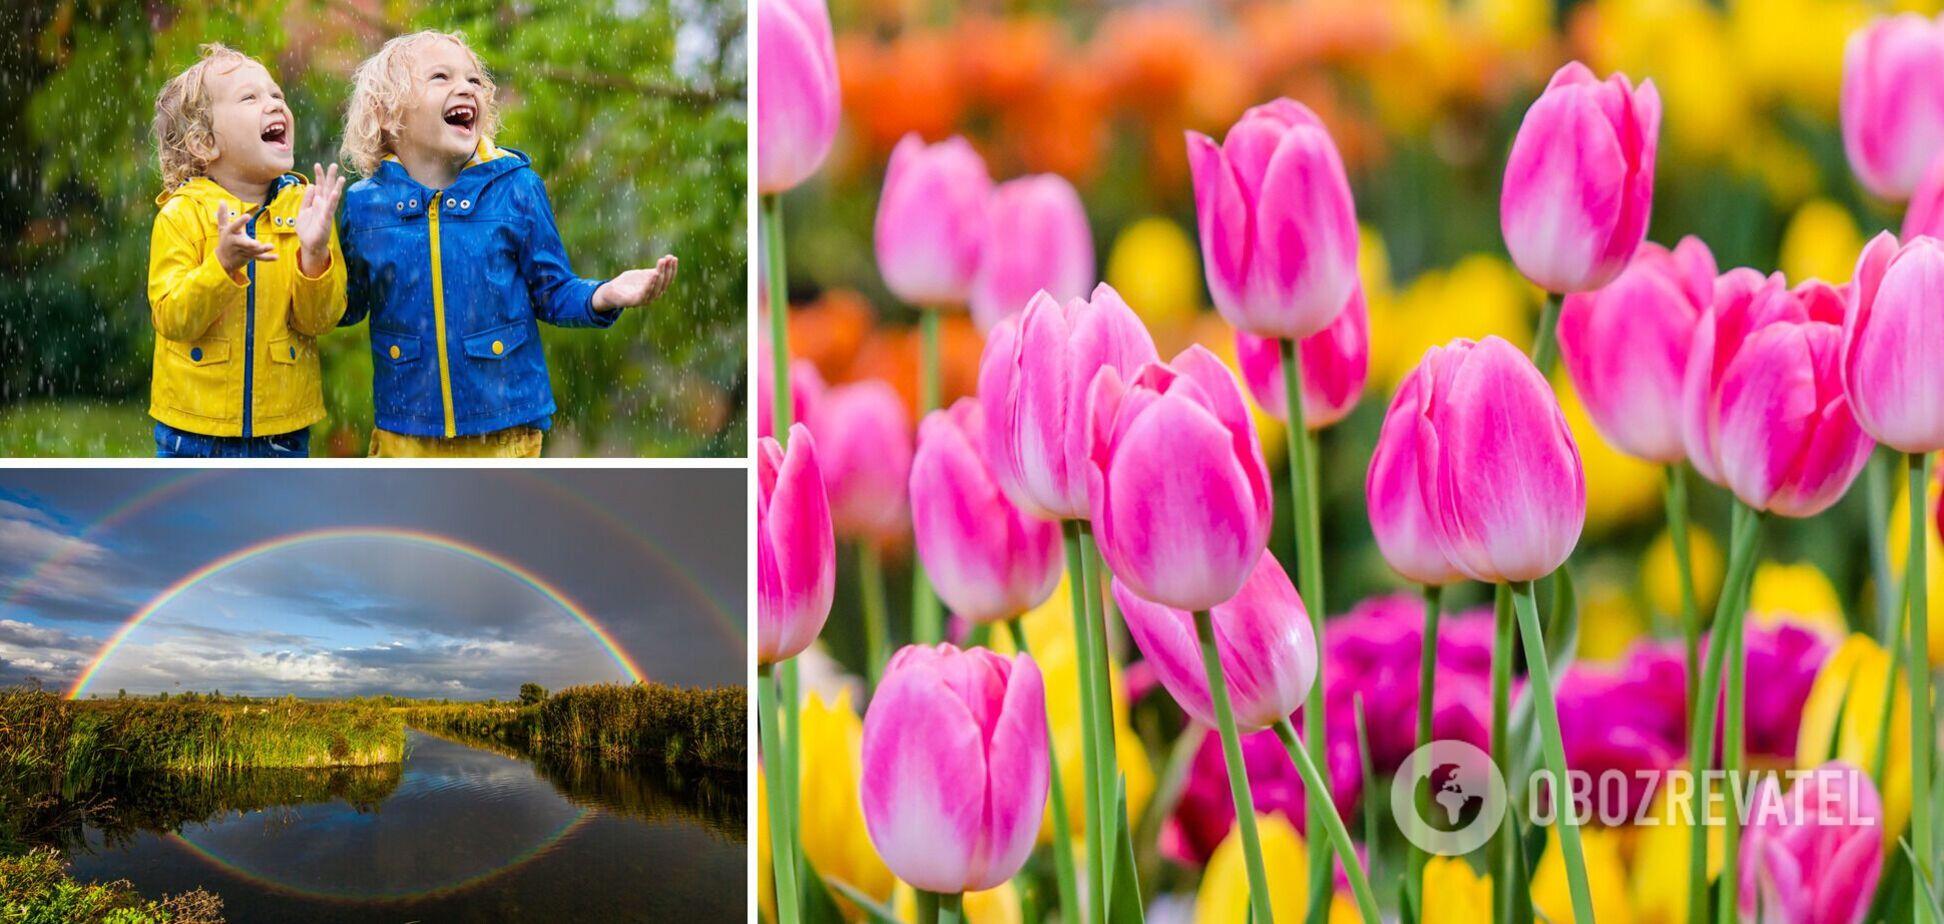 Після потепління Україну накриють дощі і грози: синоптики уточнили прогноз погоди до кінця травня